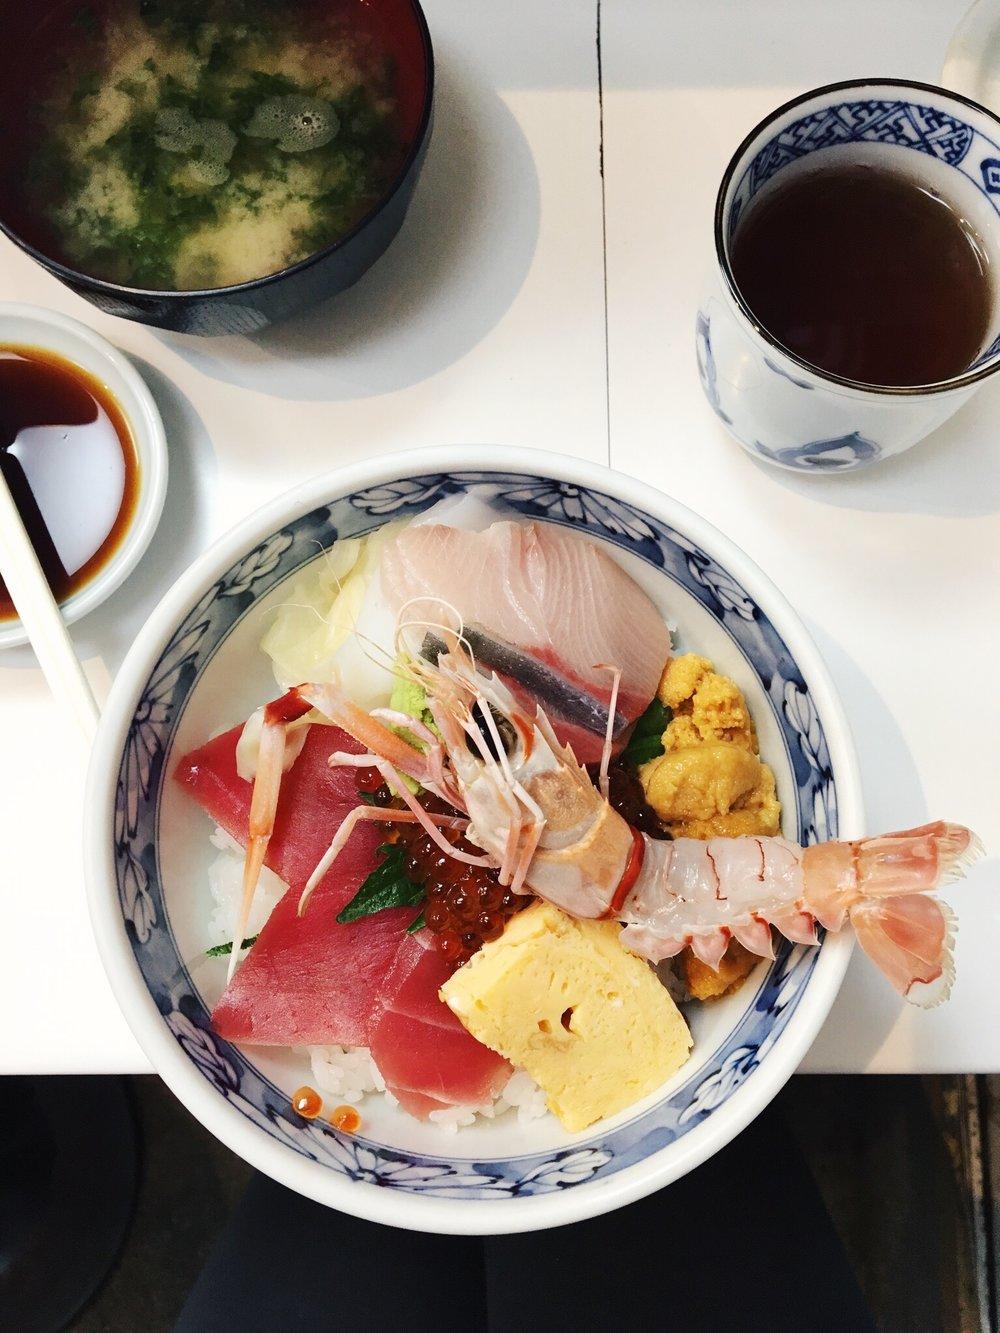 Breakfast at Tsukiji